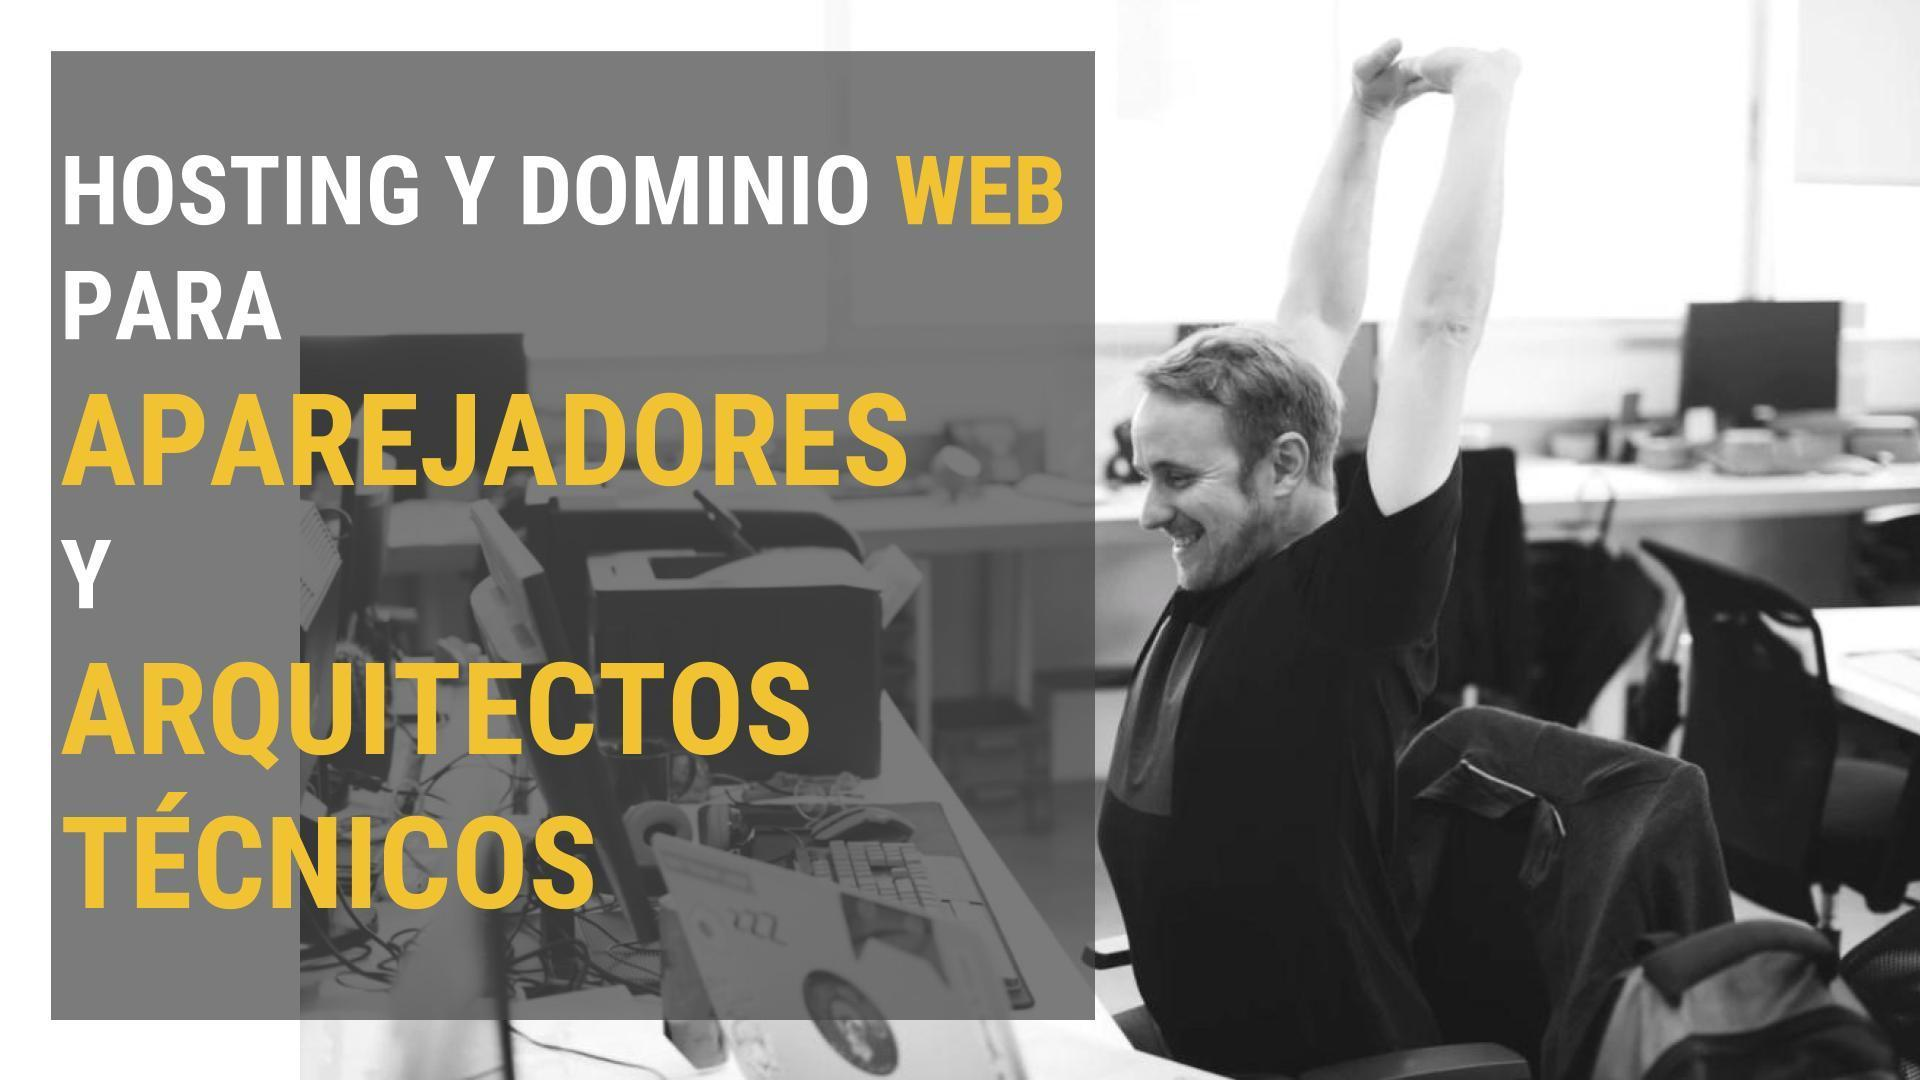 Hosting y dominio web para aparejadores y arquitectos técnicos